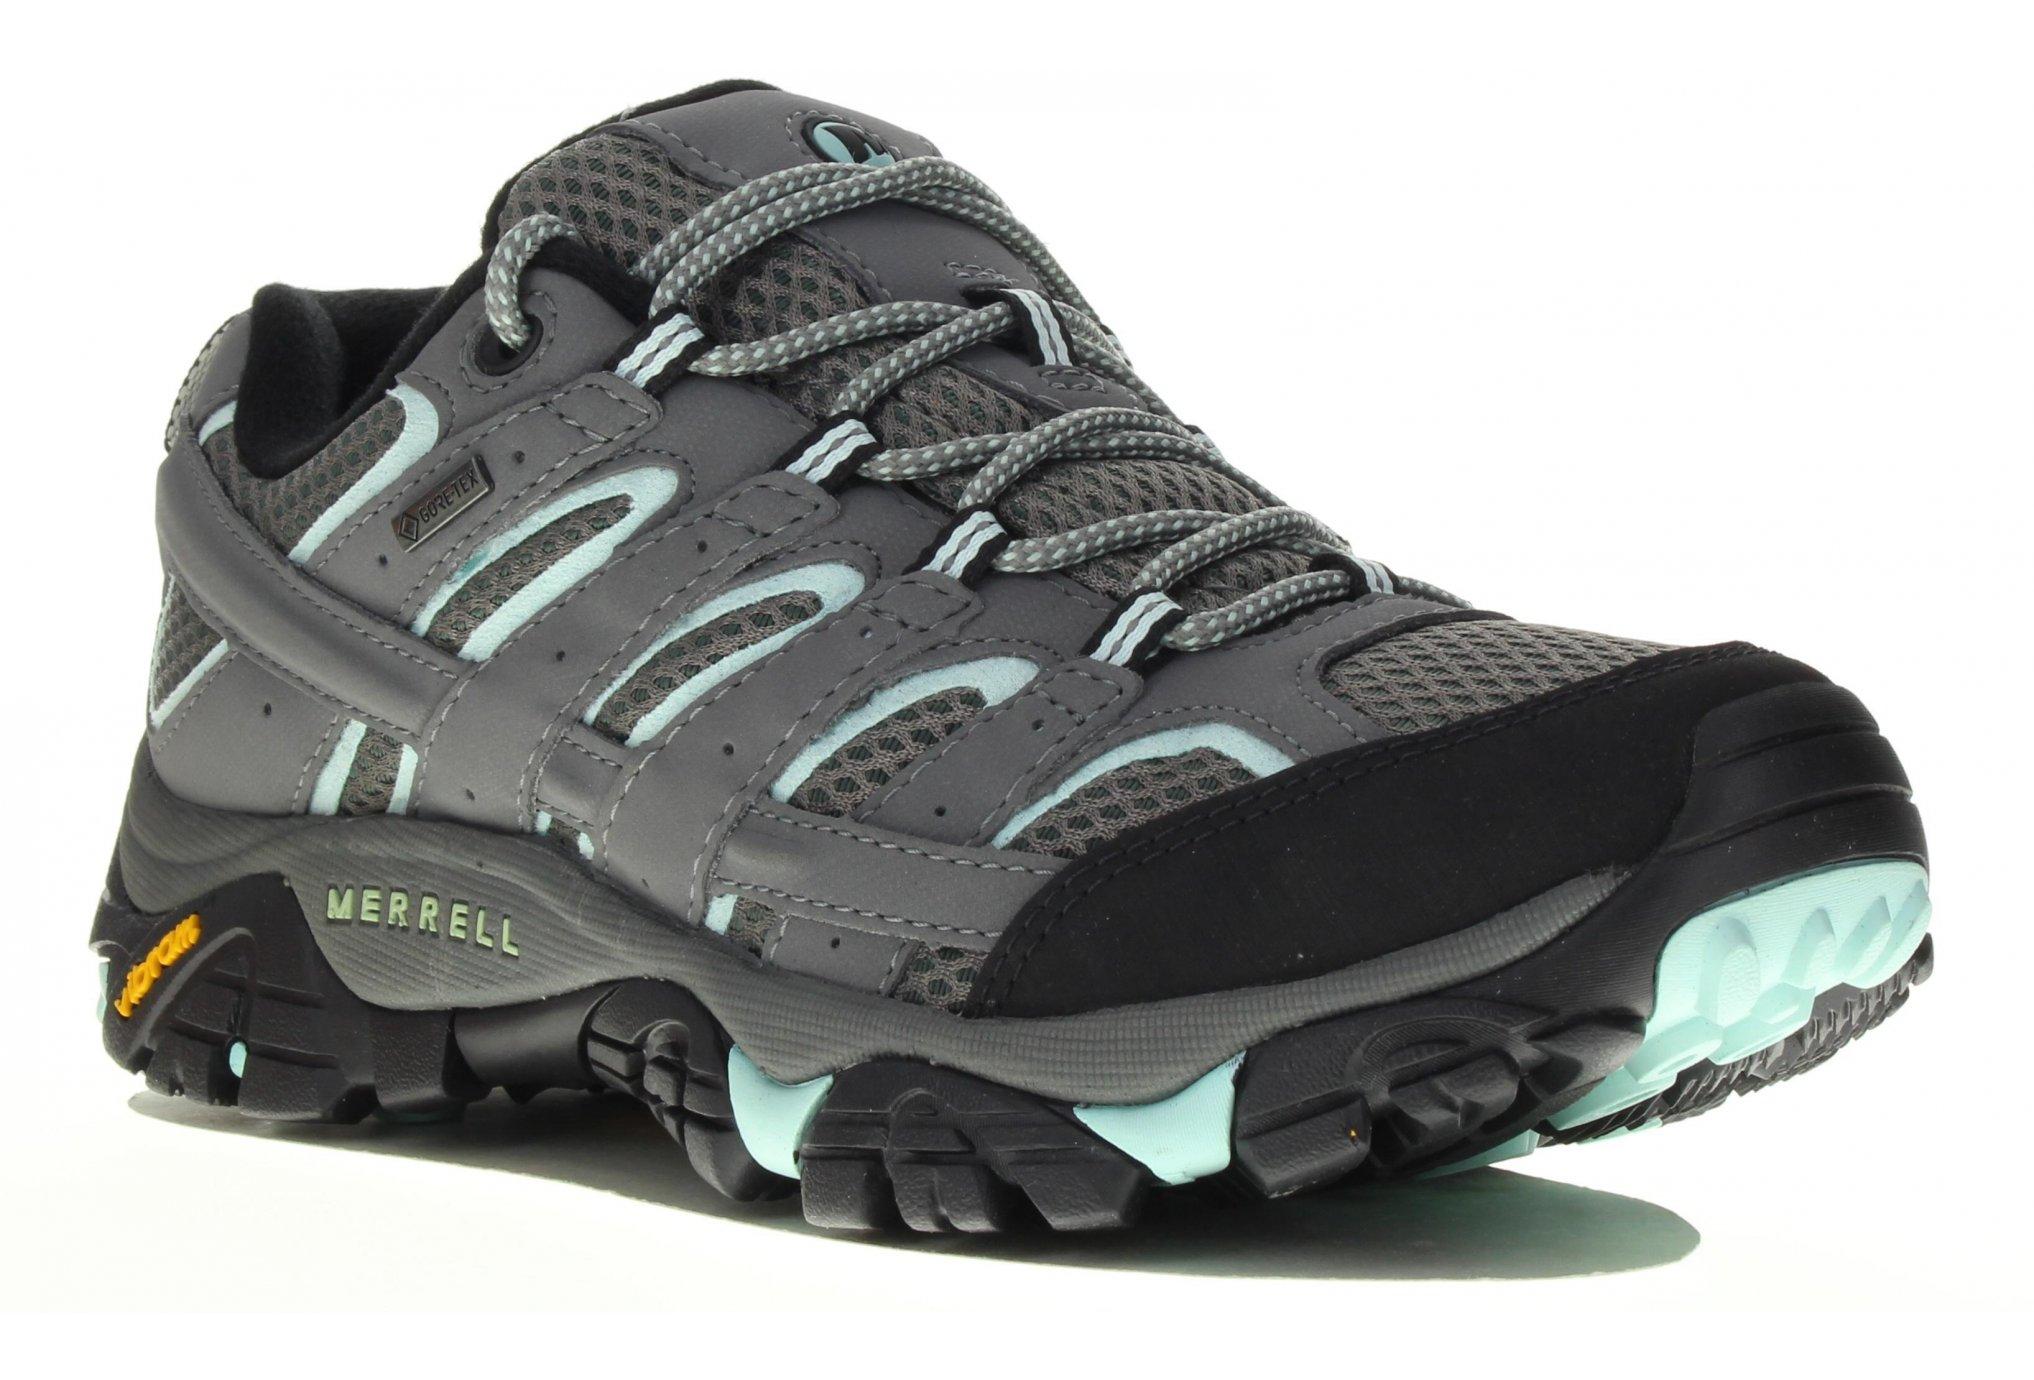 Merrell MOAB 2 Gore-Tex Chaussures running femme